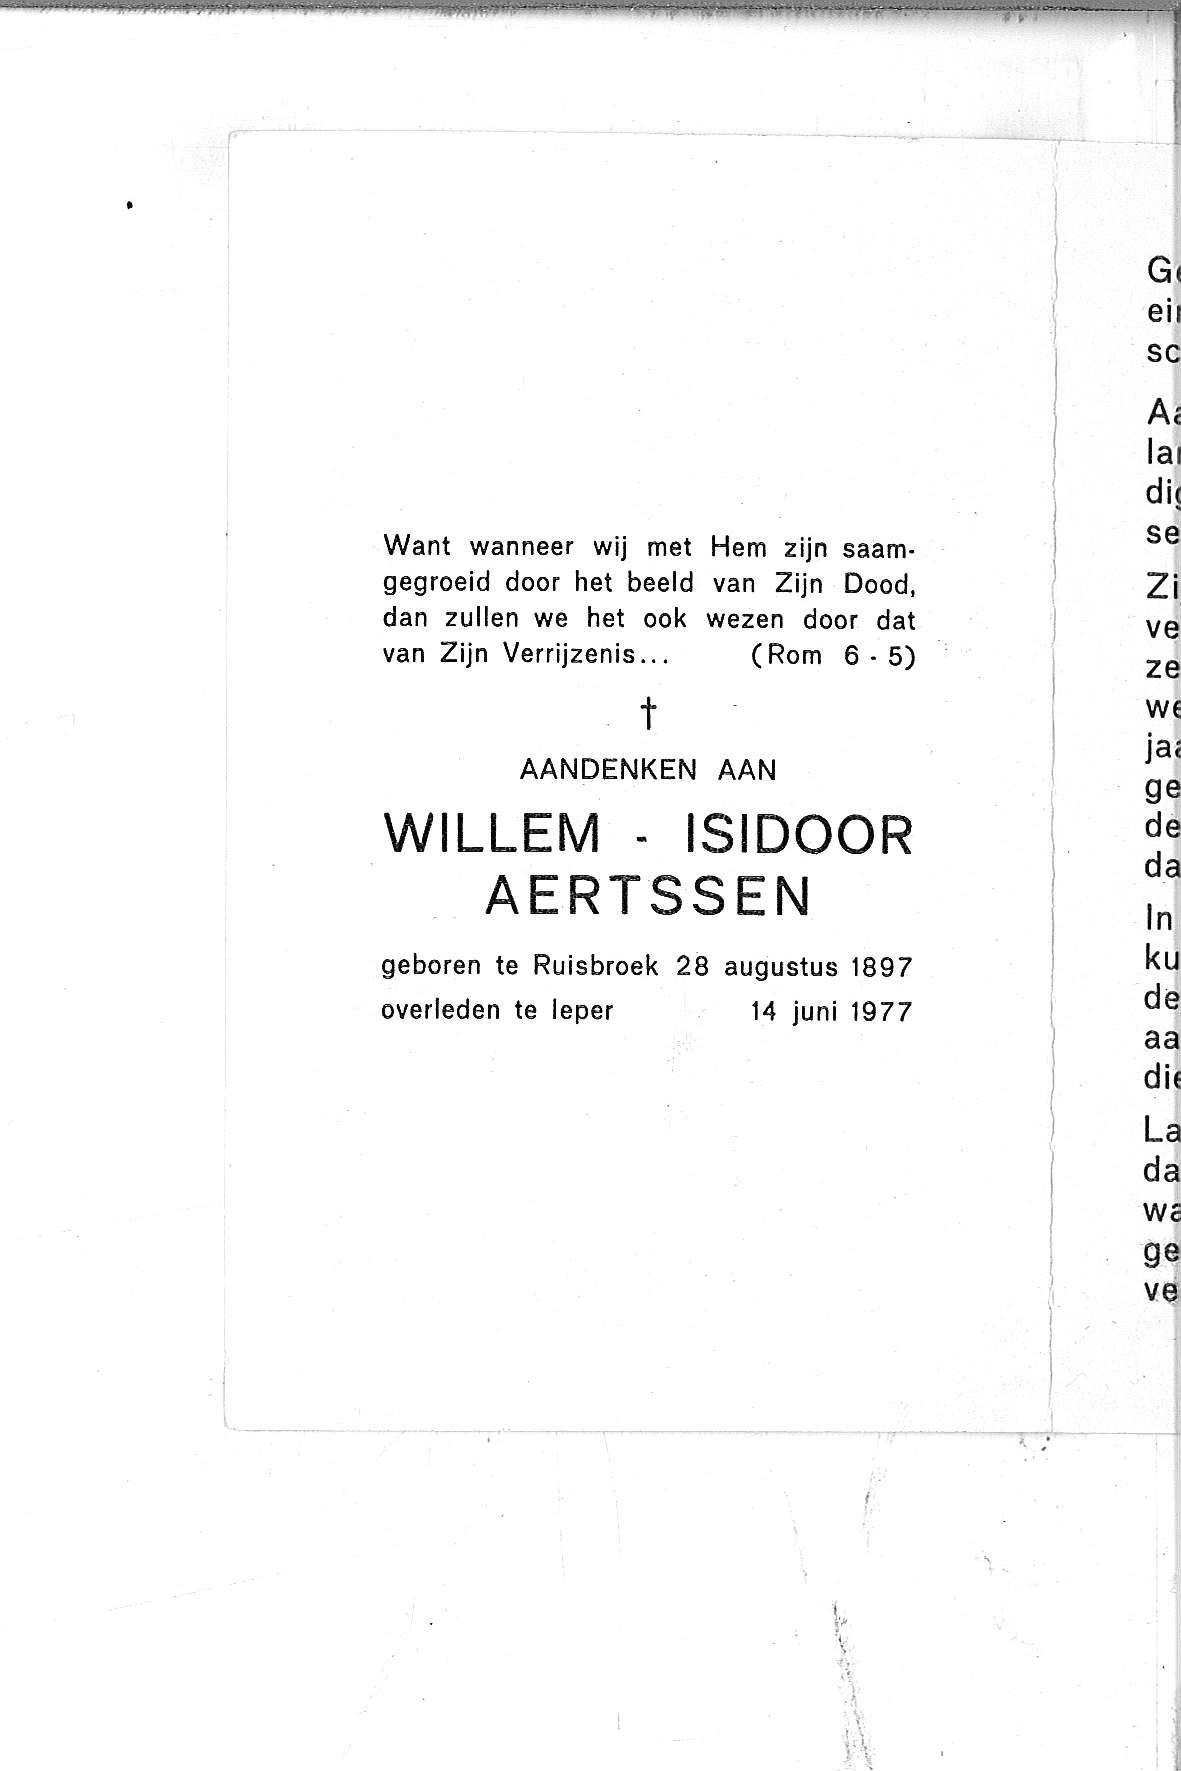 Willem-Isidoor(1977)20130722085847_00083.jpg